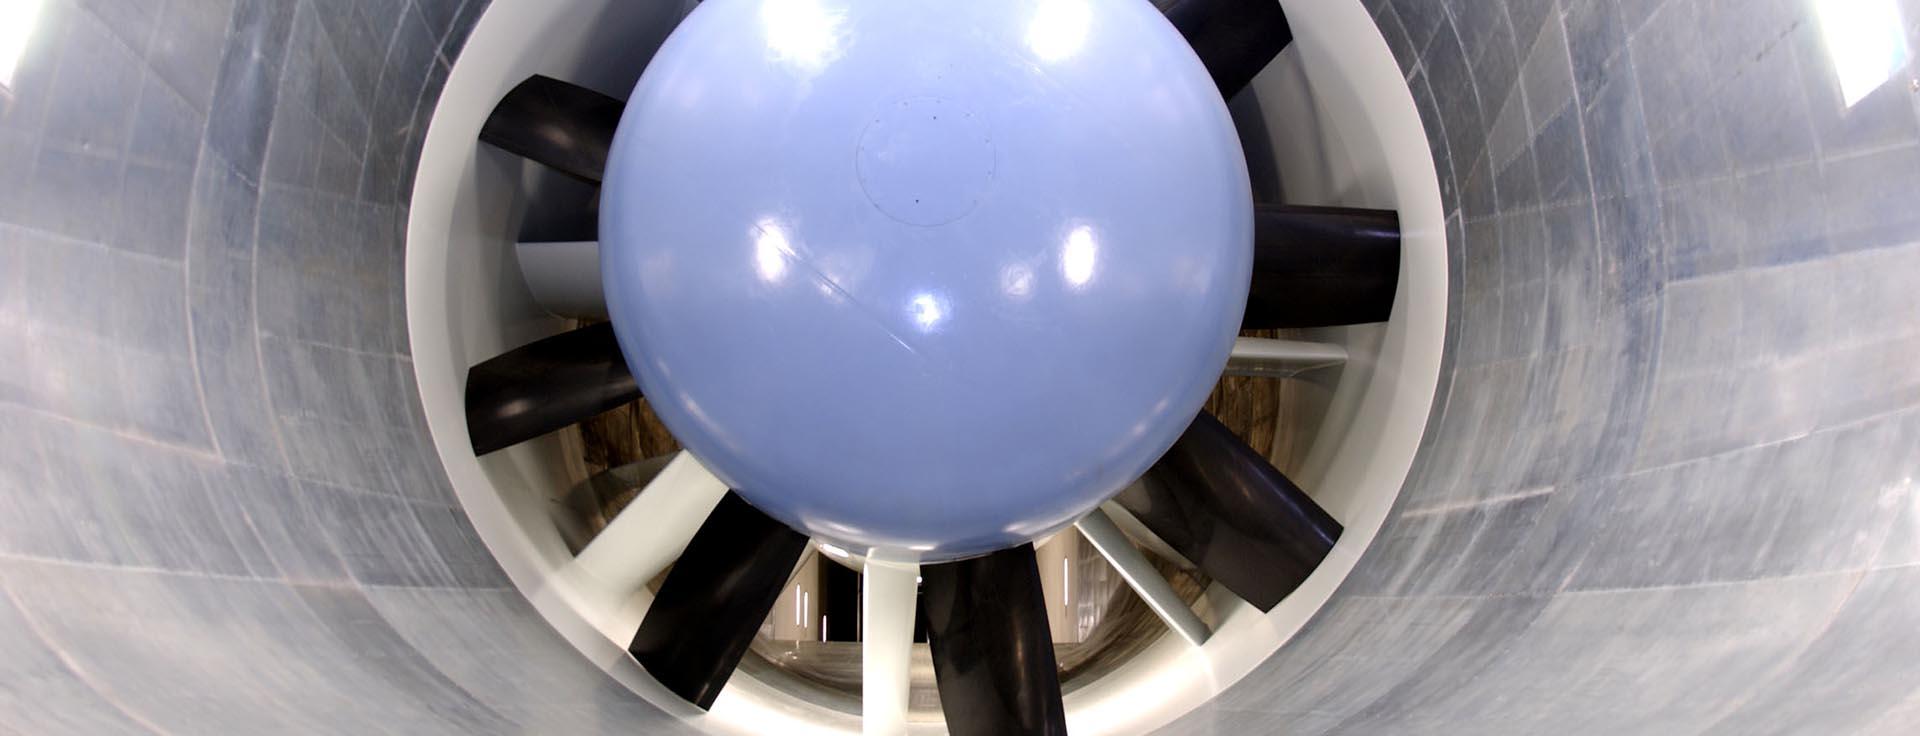 Soufflerie aérodynamique aéroacoustique